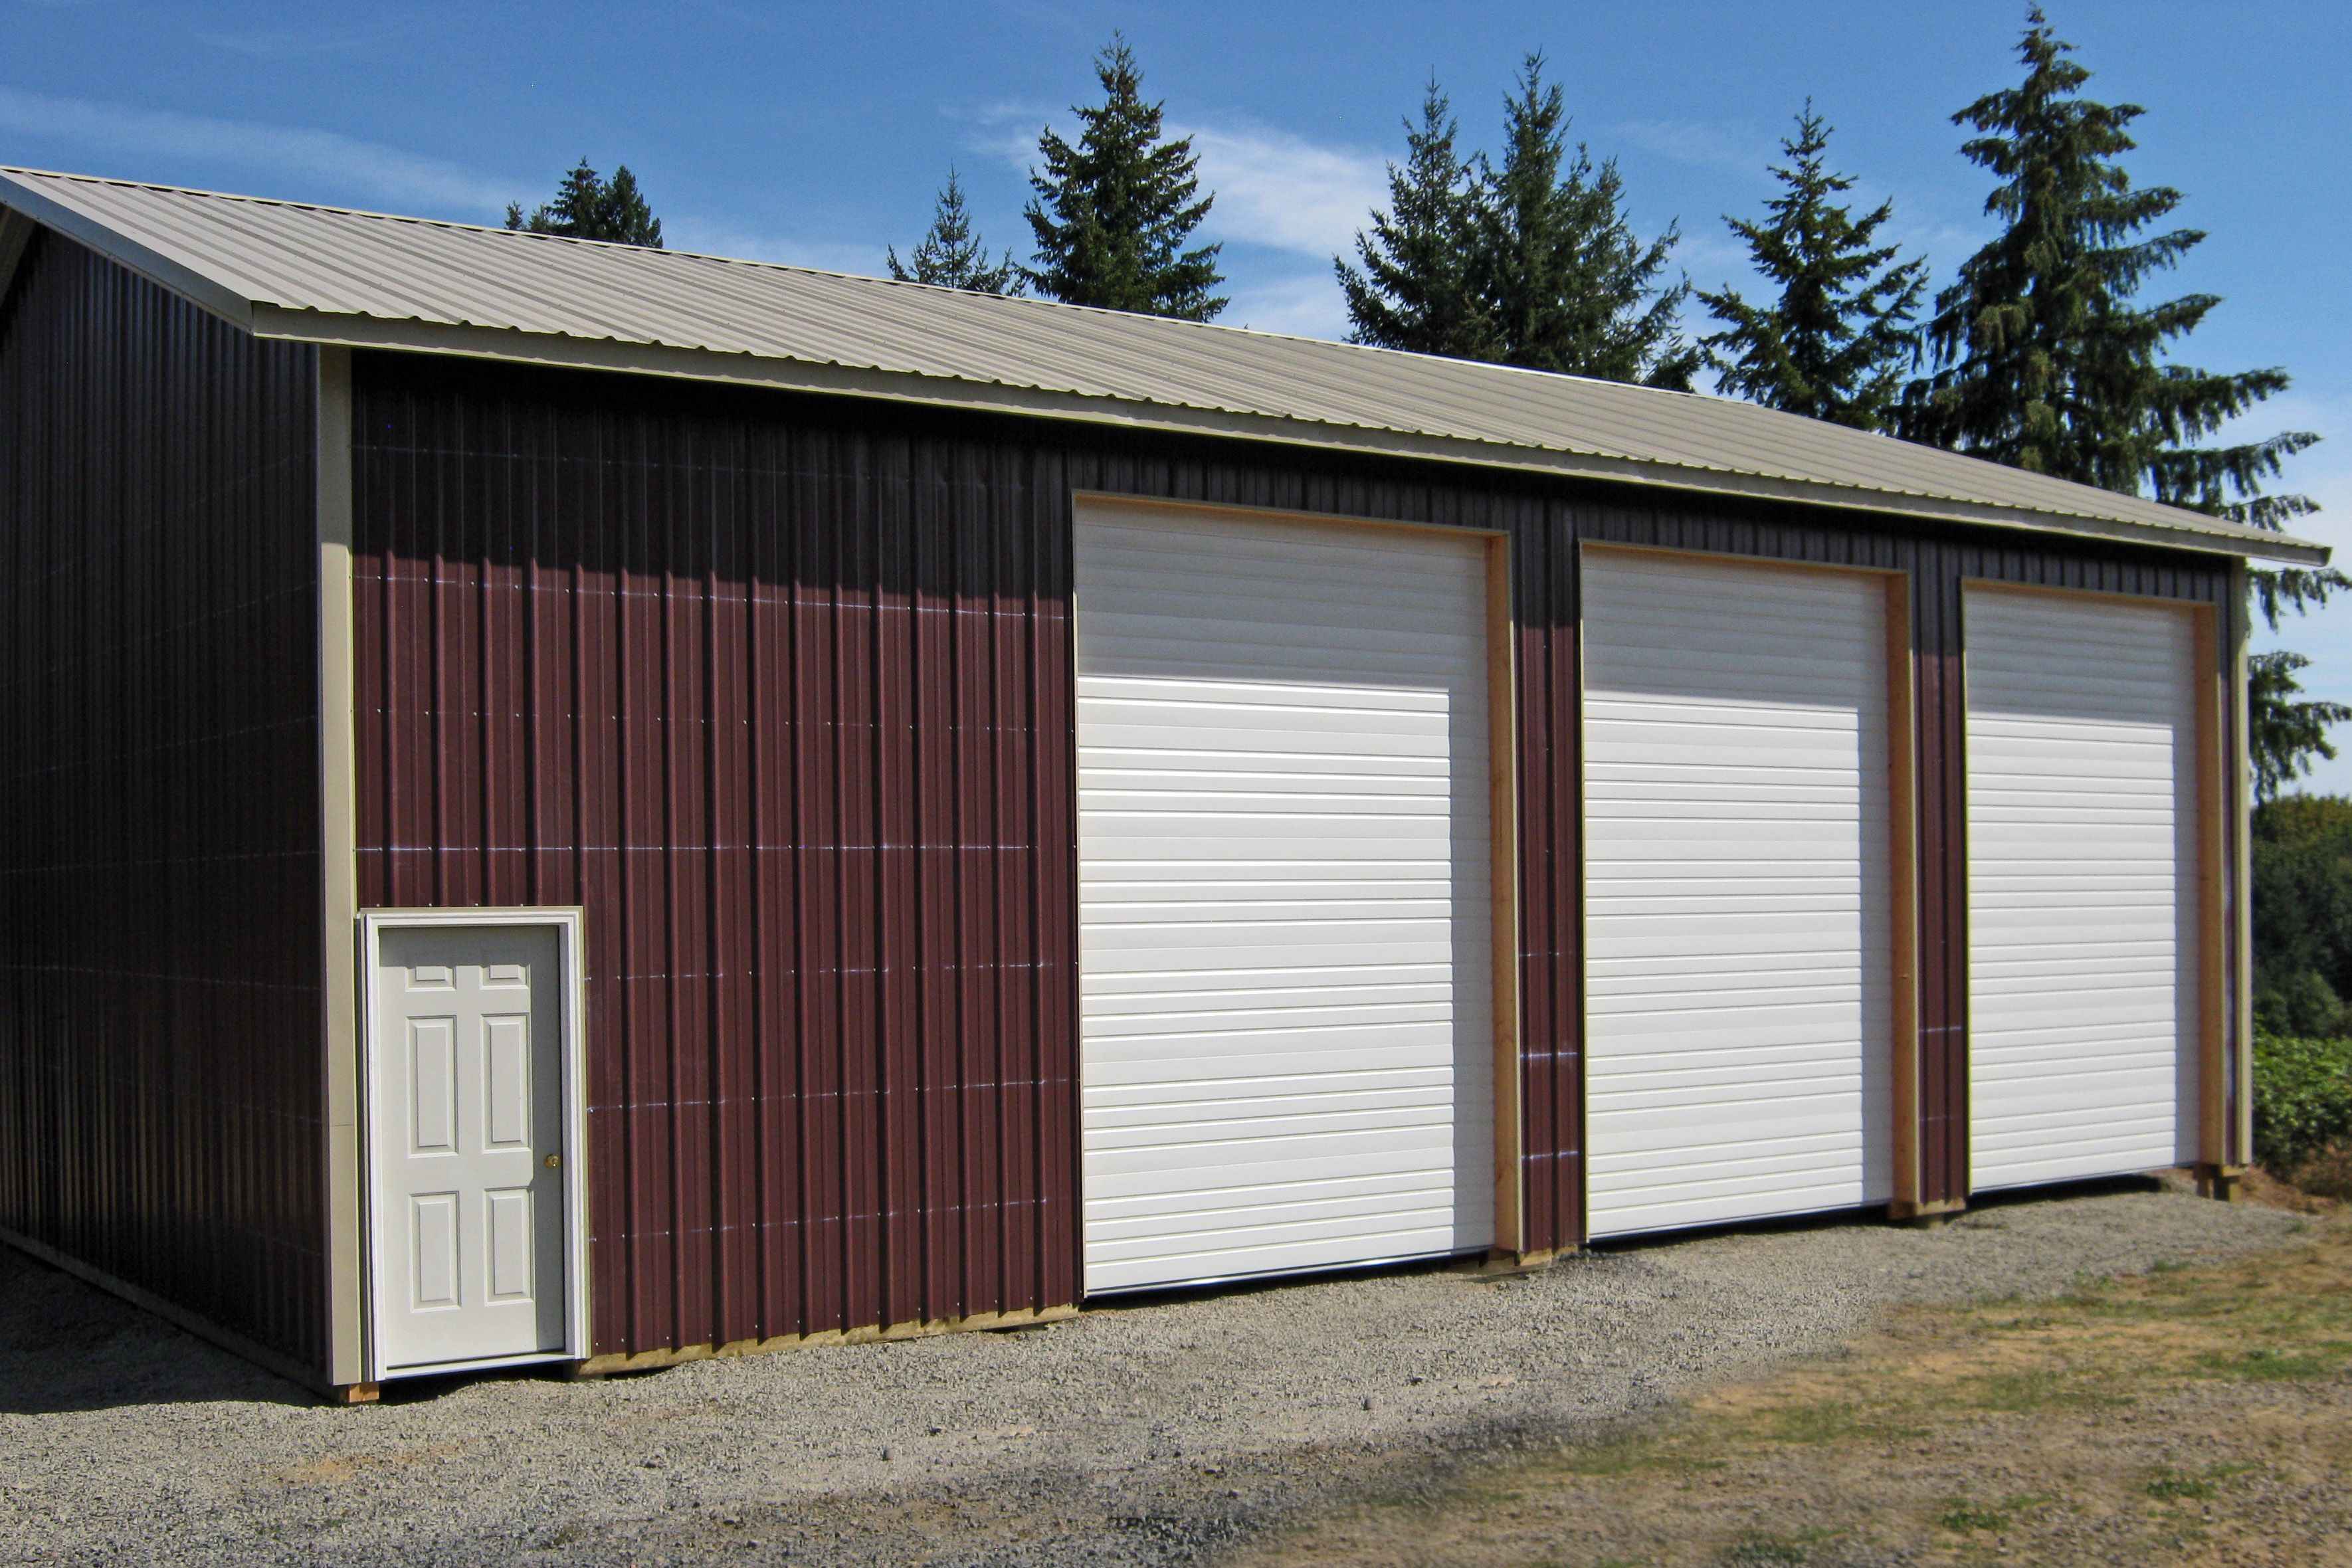 36 X 48 X 16 Residential Pole Building Www